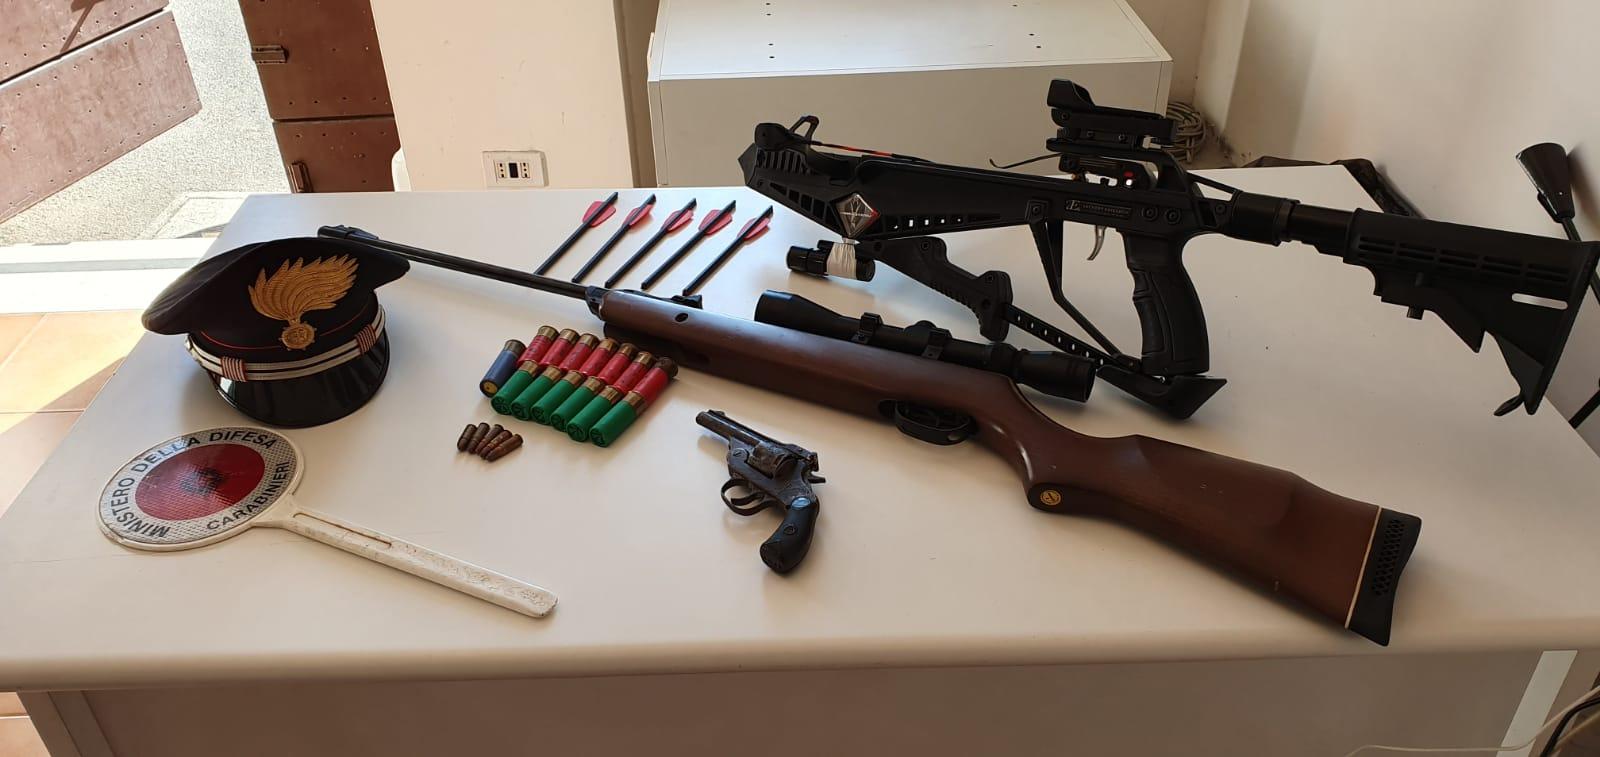 Cesena, armi e munizioni in casa: arrestato un 49enne